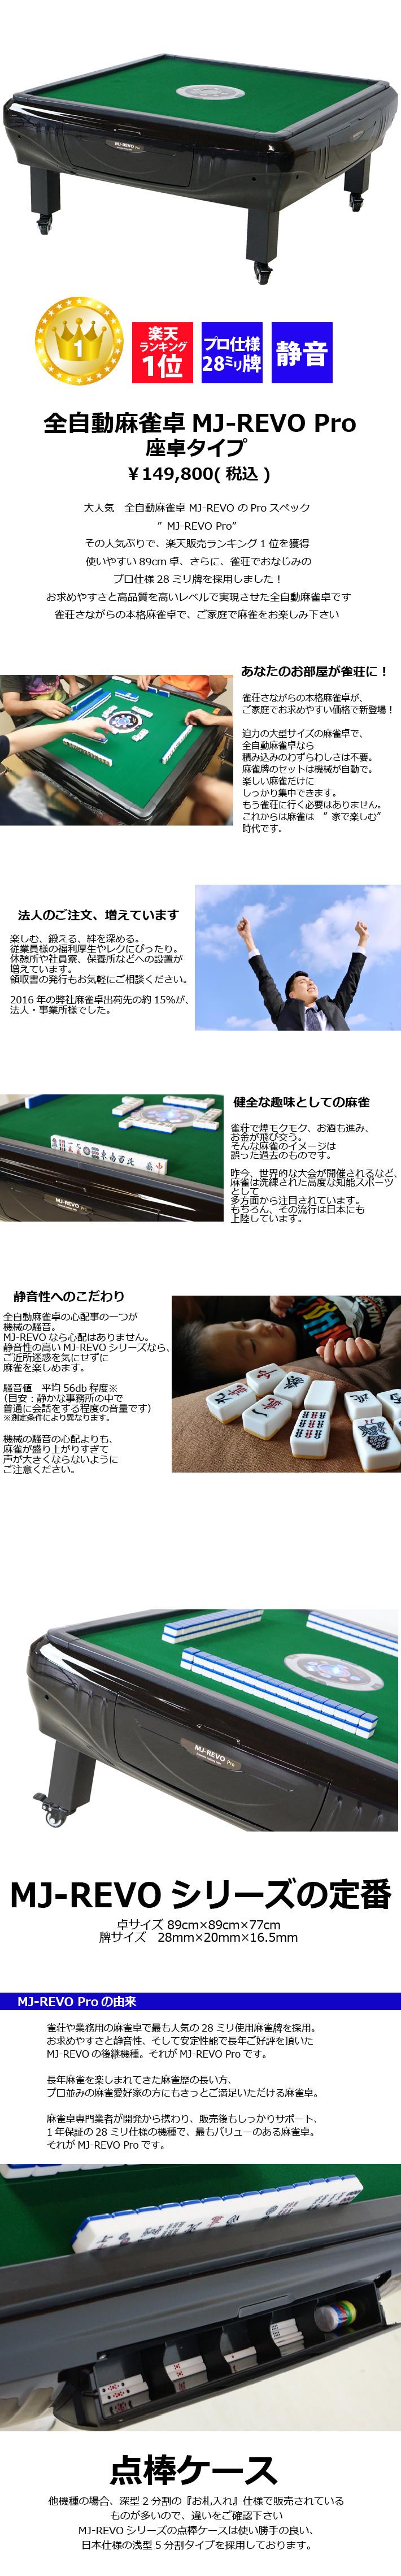 pro_zataku_picturepage1.jpg